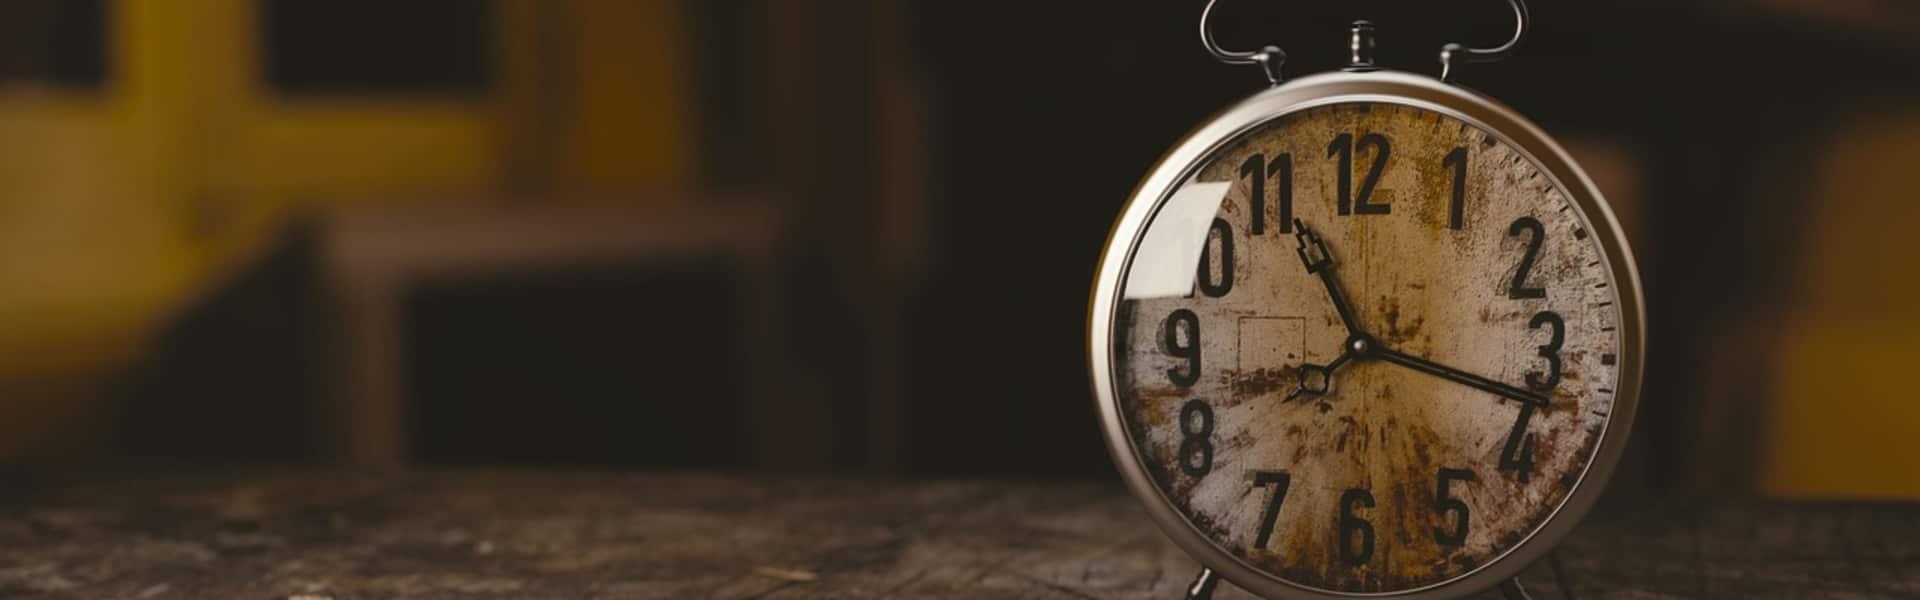 Ne perdez plus de temps : externalisez certaines tâches chronophages